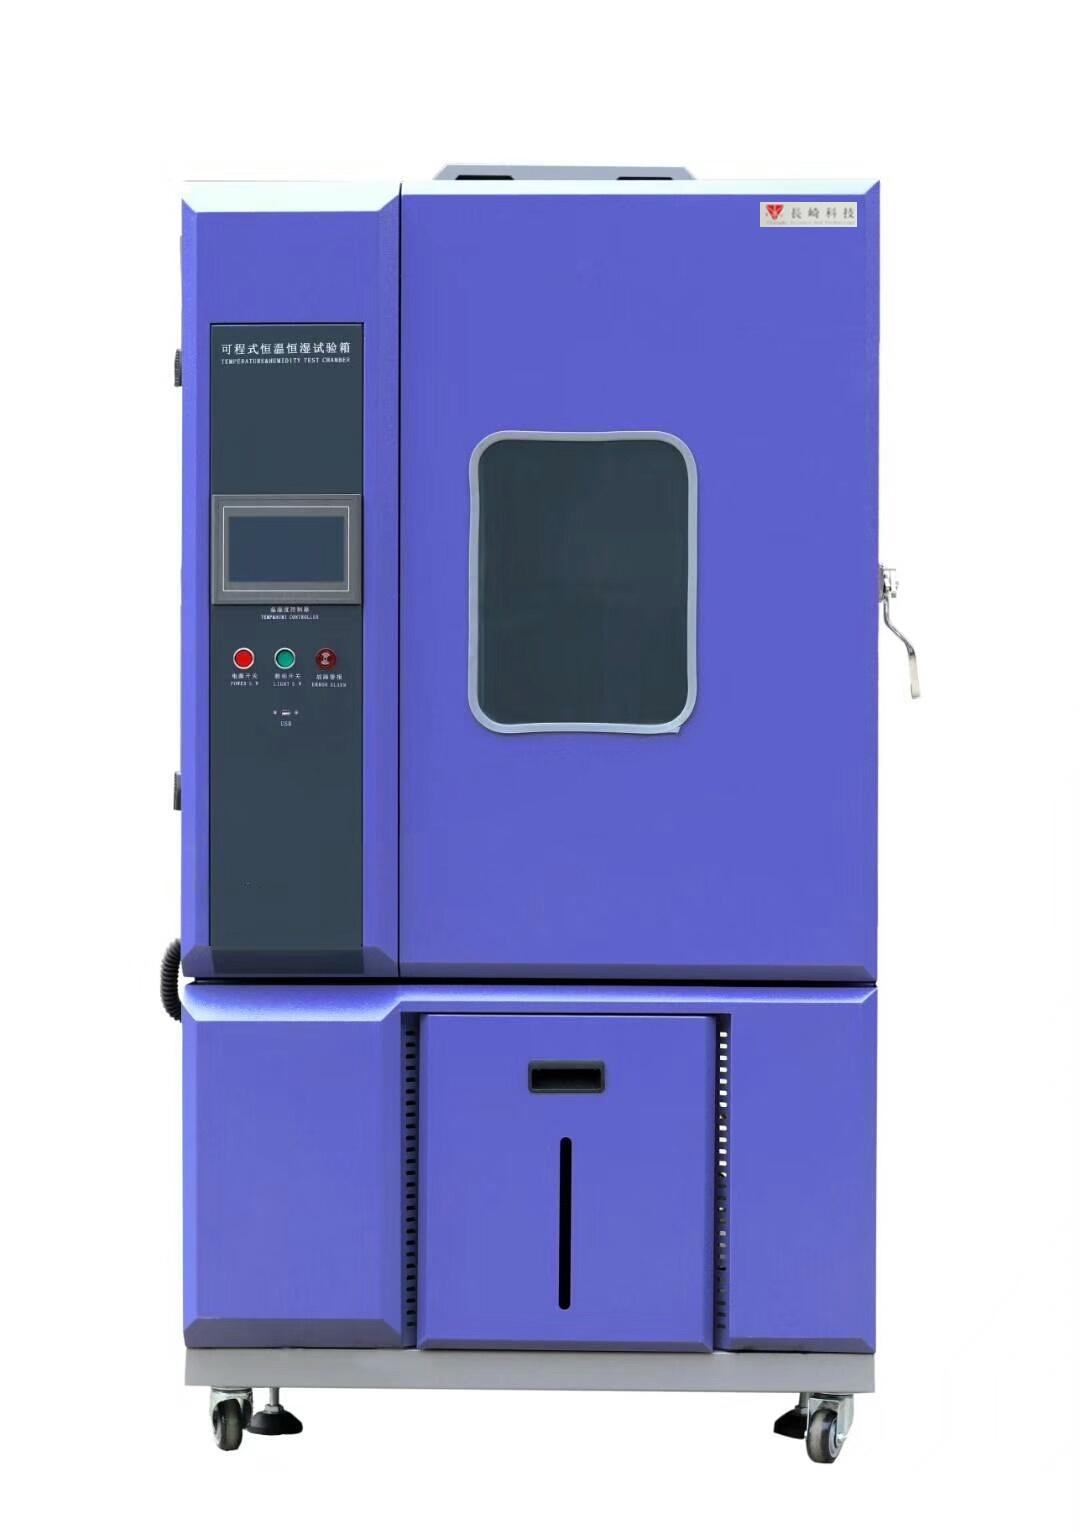 恒温恒湿试验箱的七种常见故障